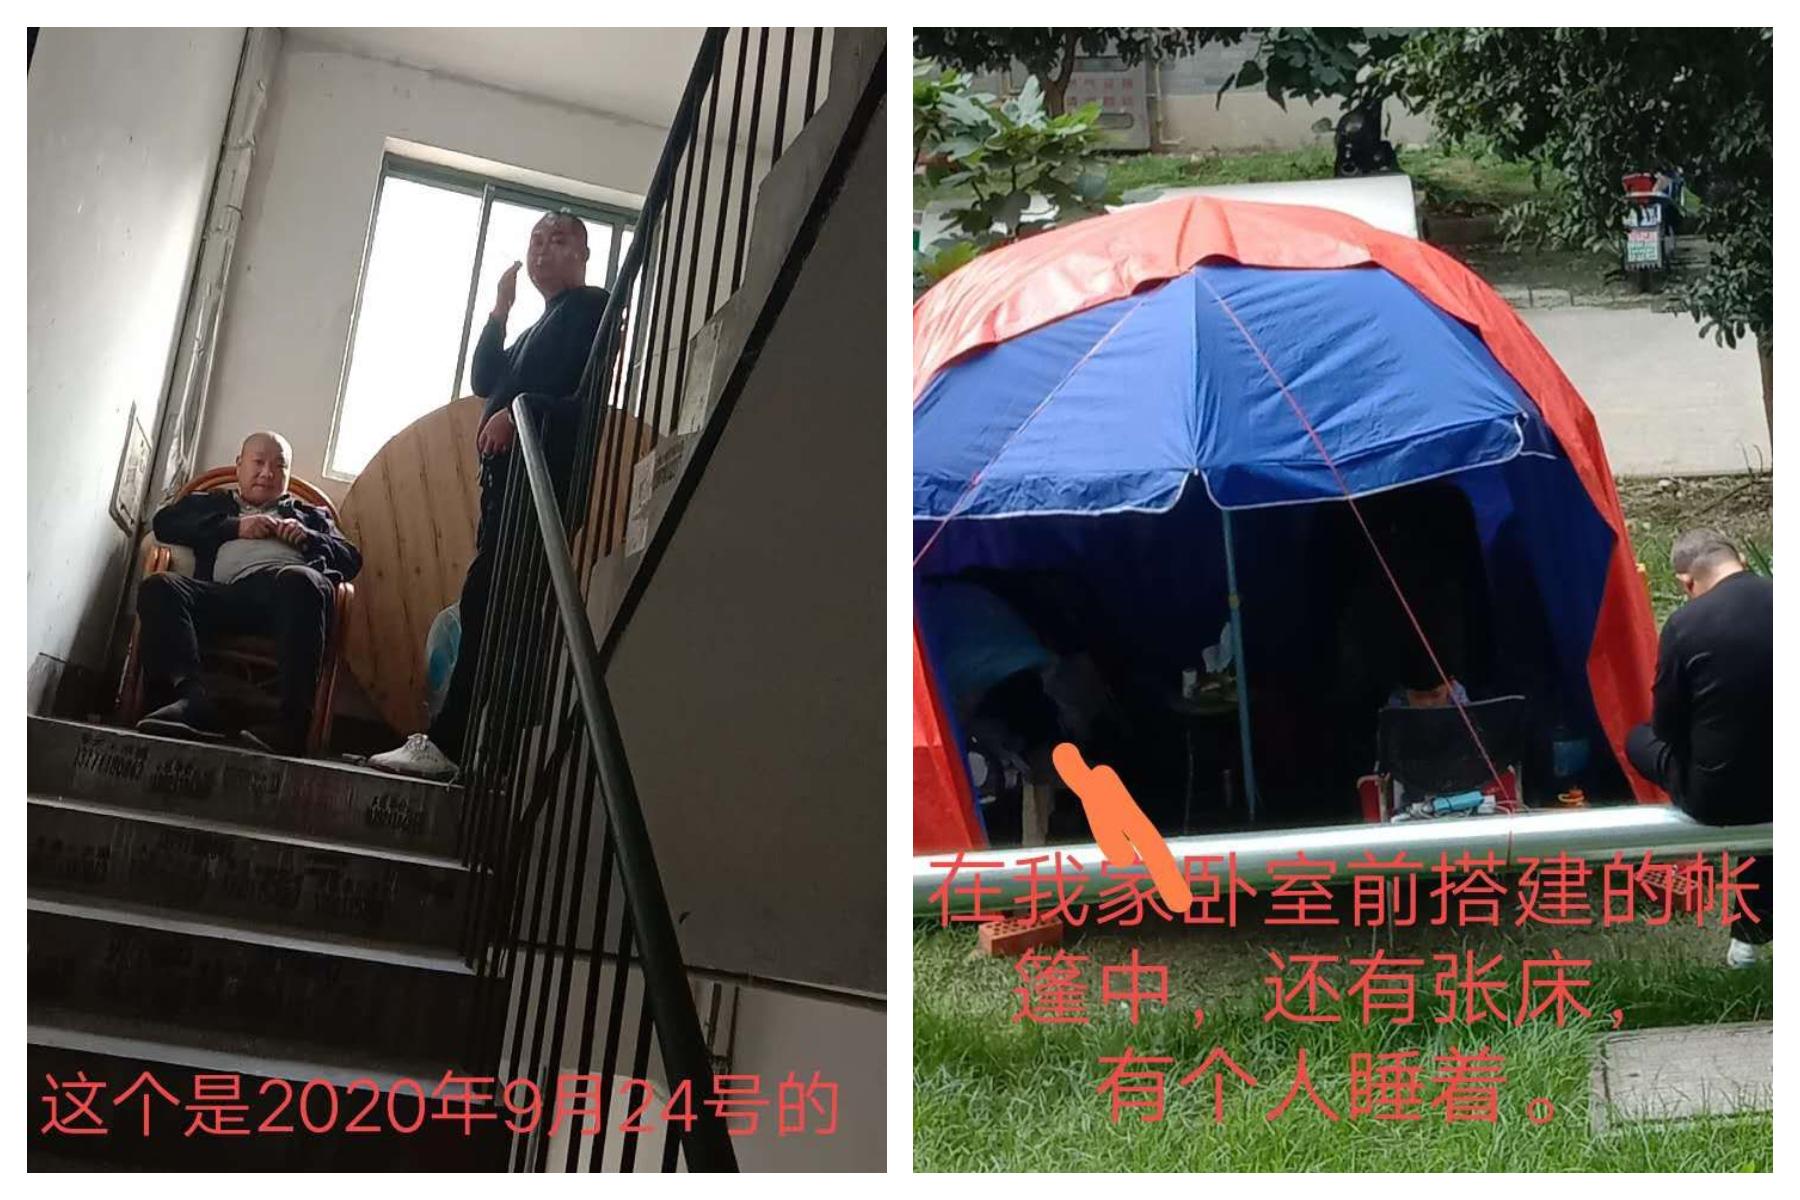 訪民揭無錫零上訪實情:都被堵在家裏(下)